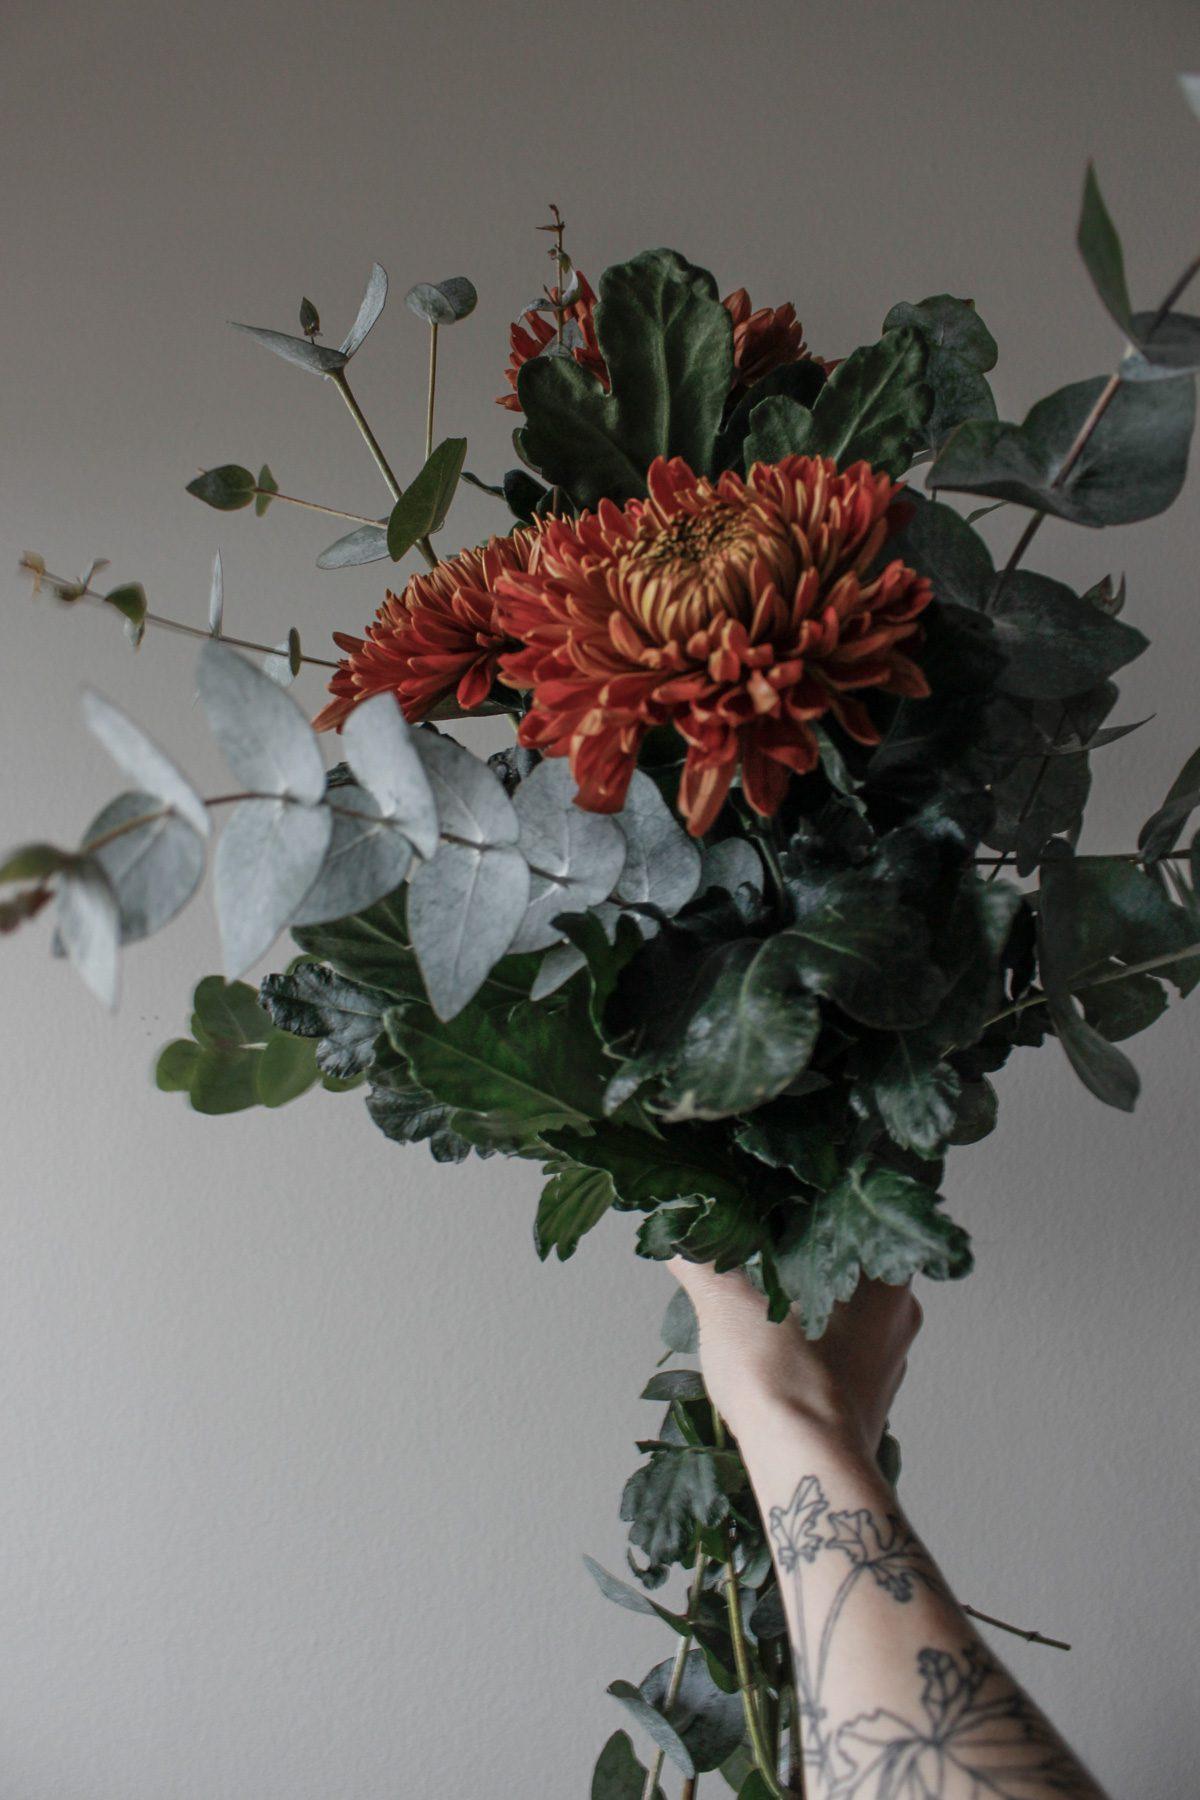 http://www.lovelylife.se/nanna-van-berlekom/2017/11/12/dags-att-saga-hejda-och-borja-pa-nagot-nytt/